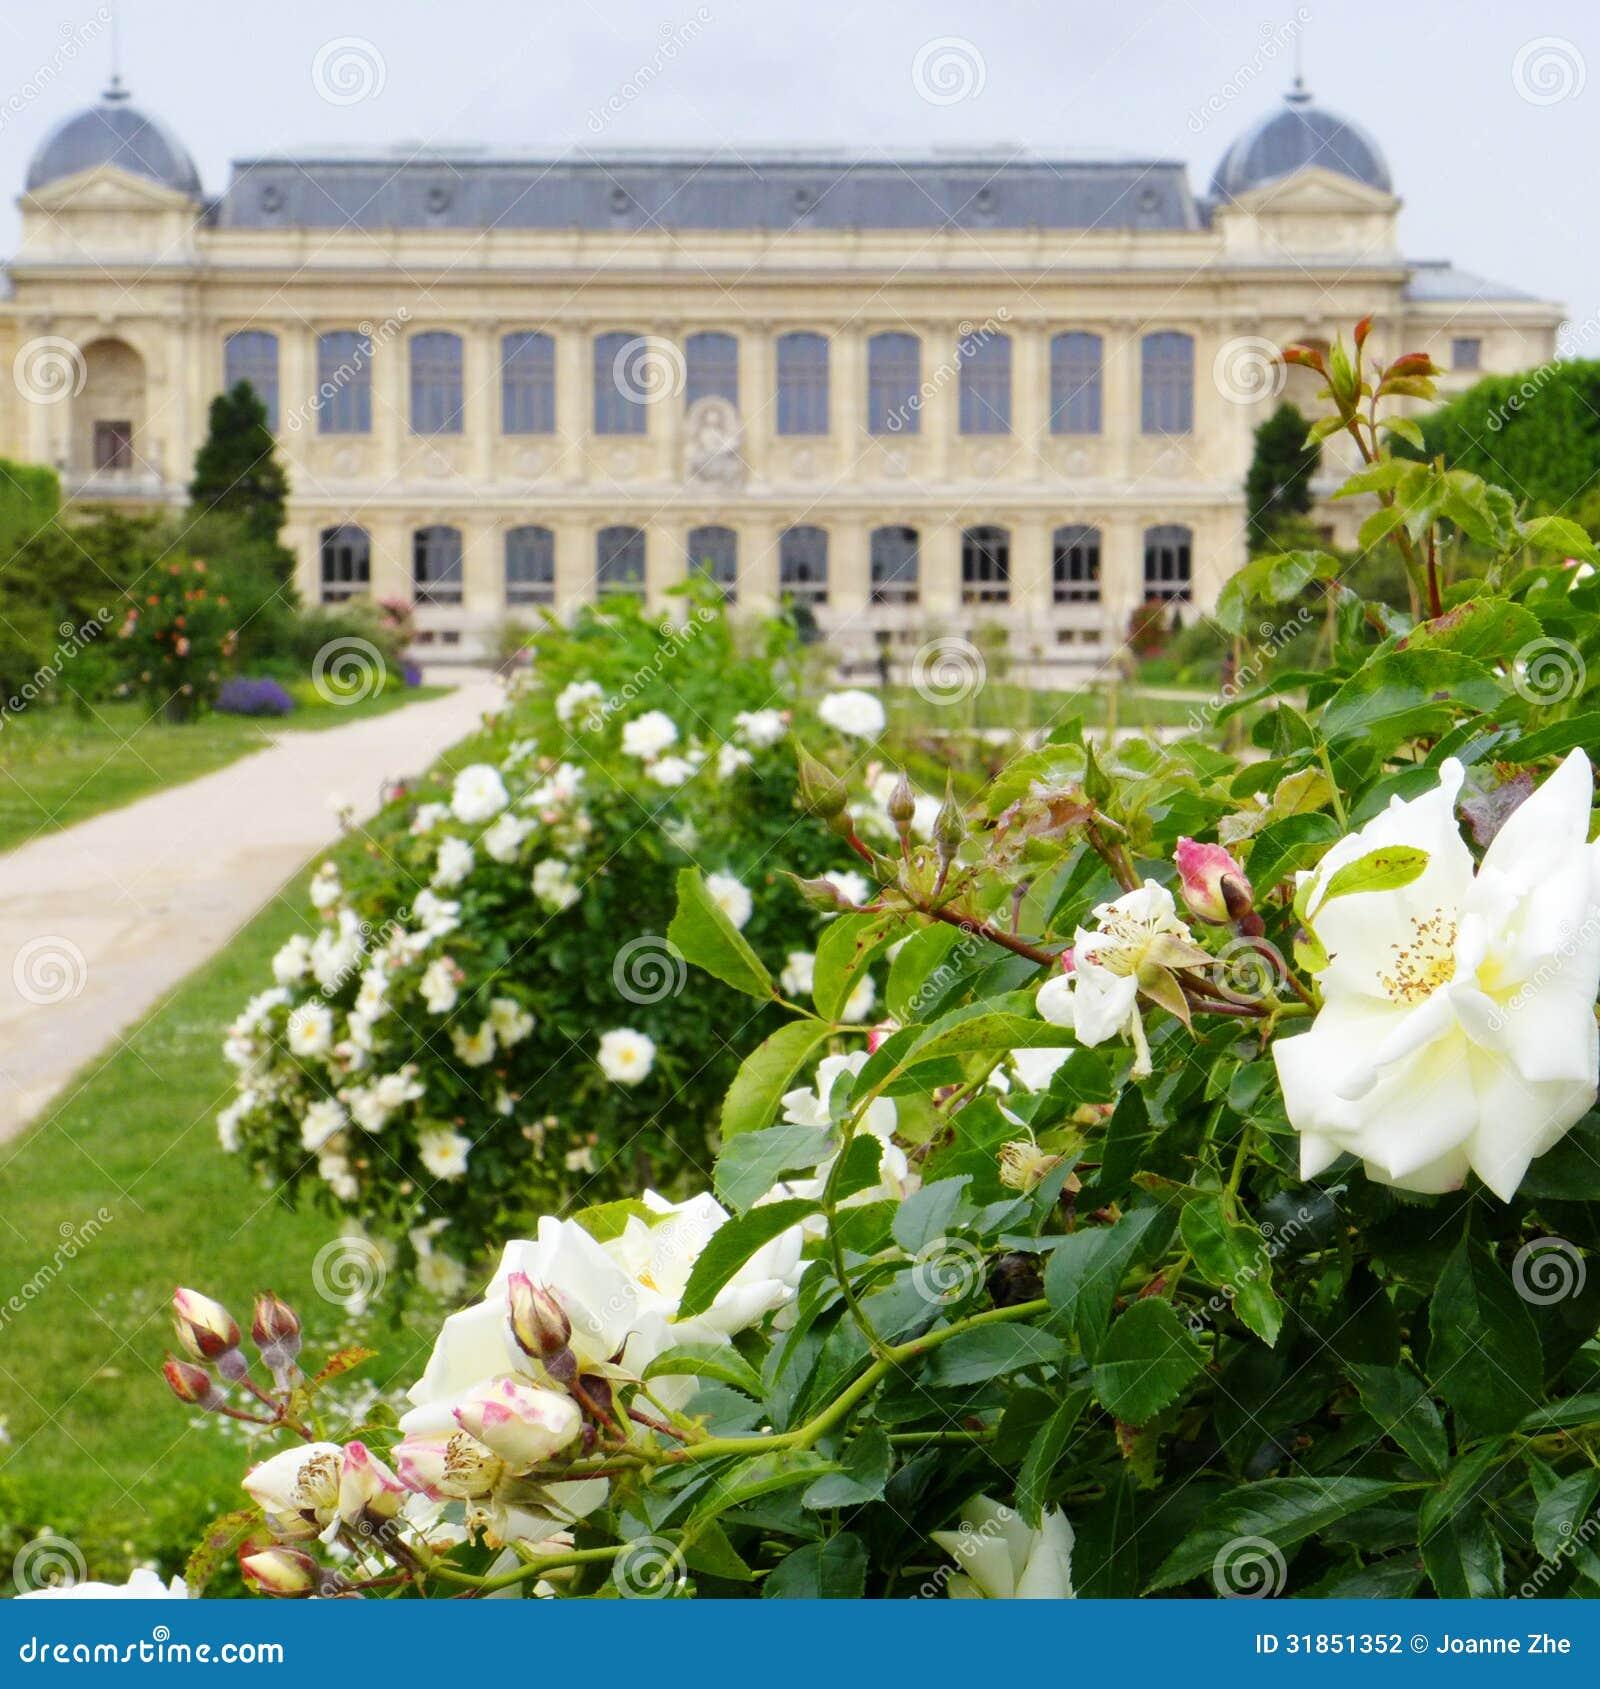 Jardin des plantes paris france stock photography for Paris jardin plantes